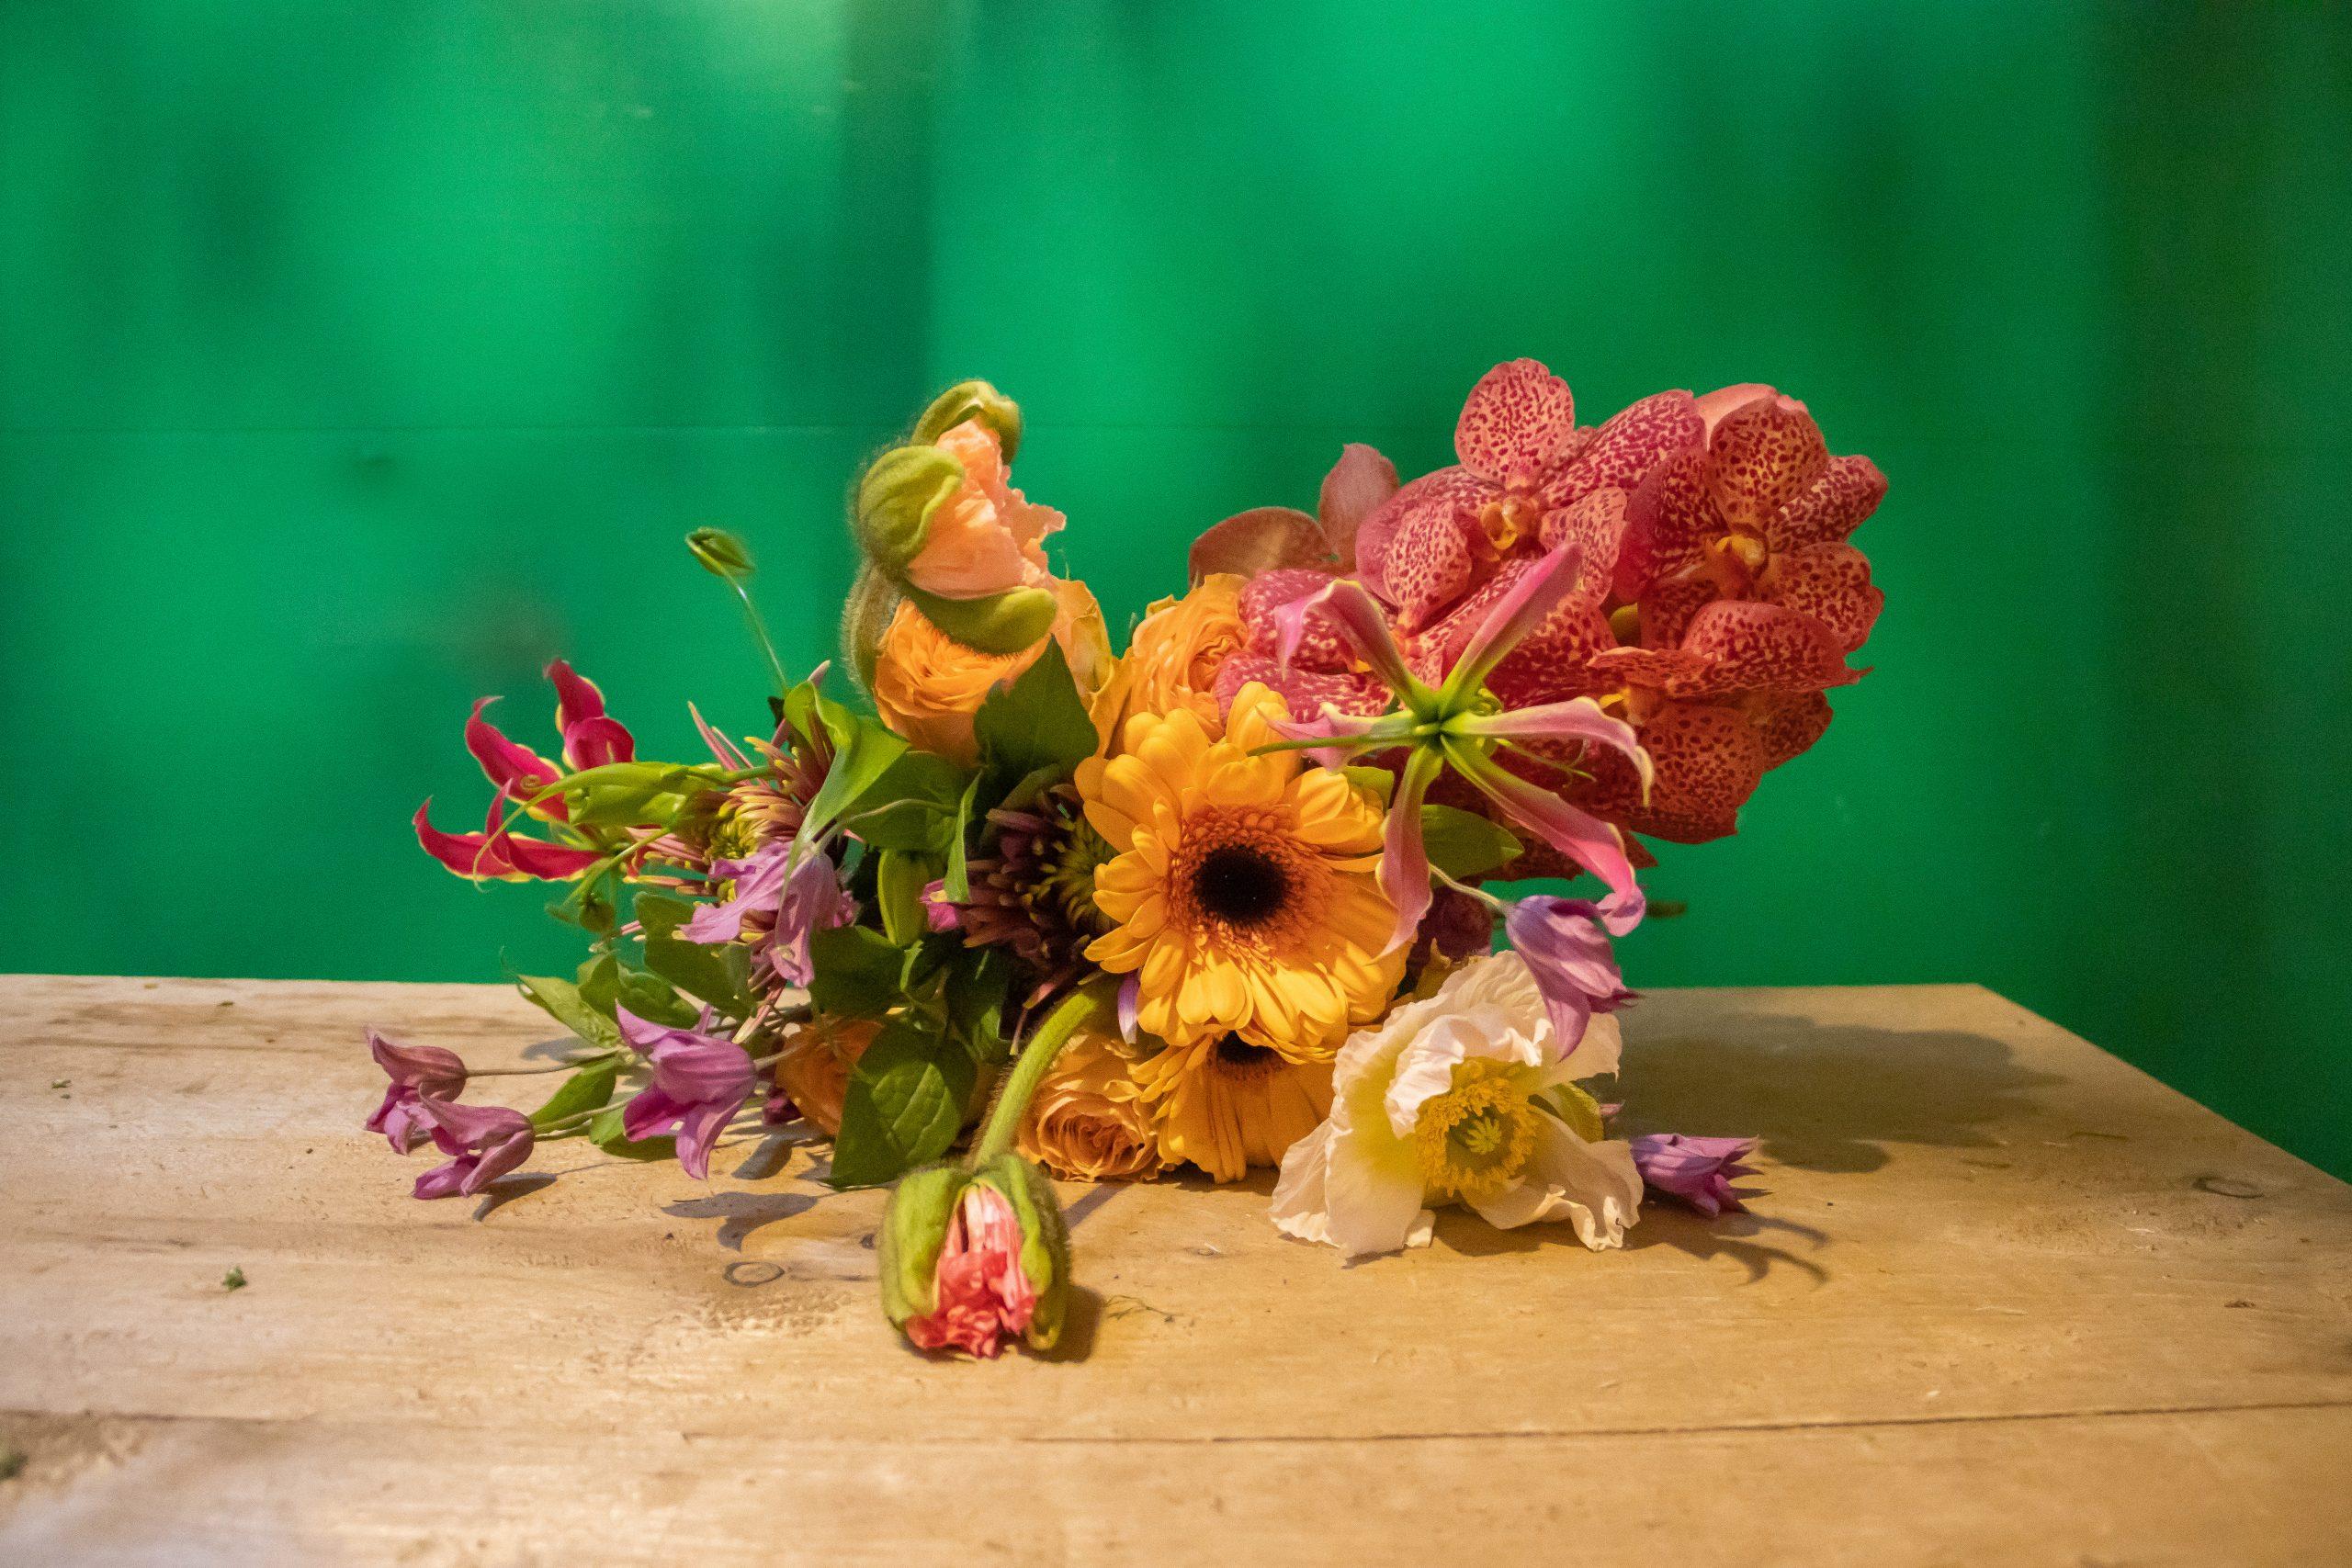 Leafs Flower Arts